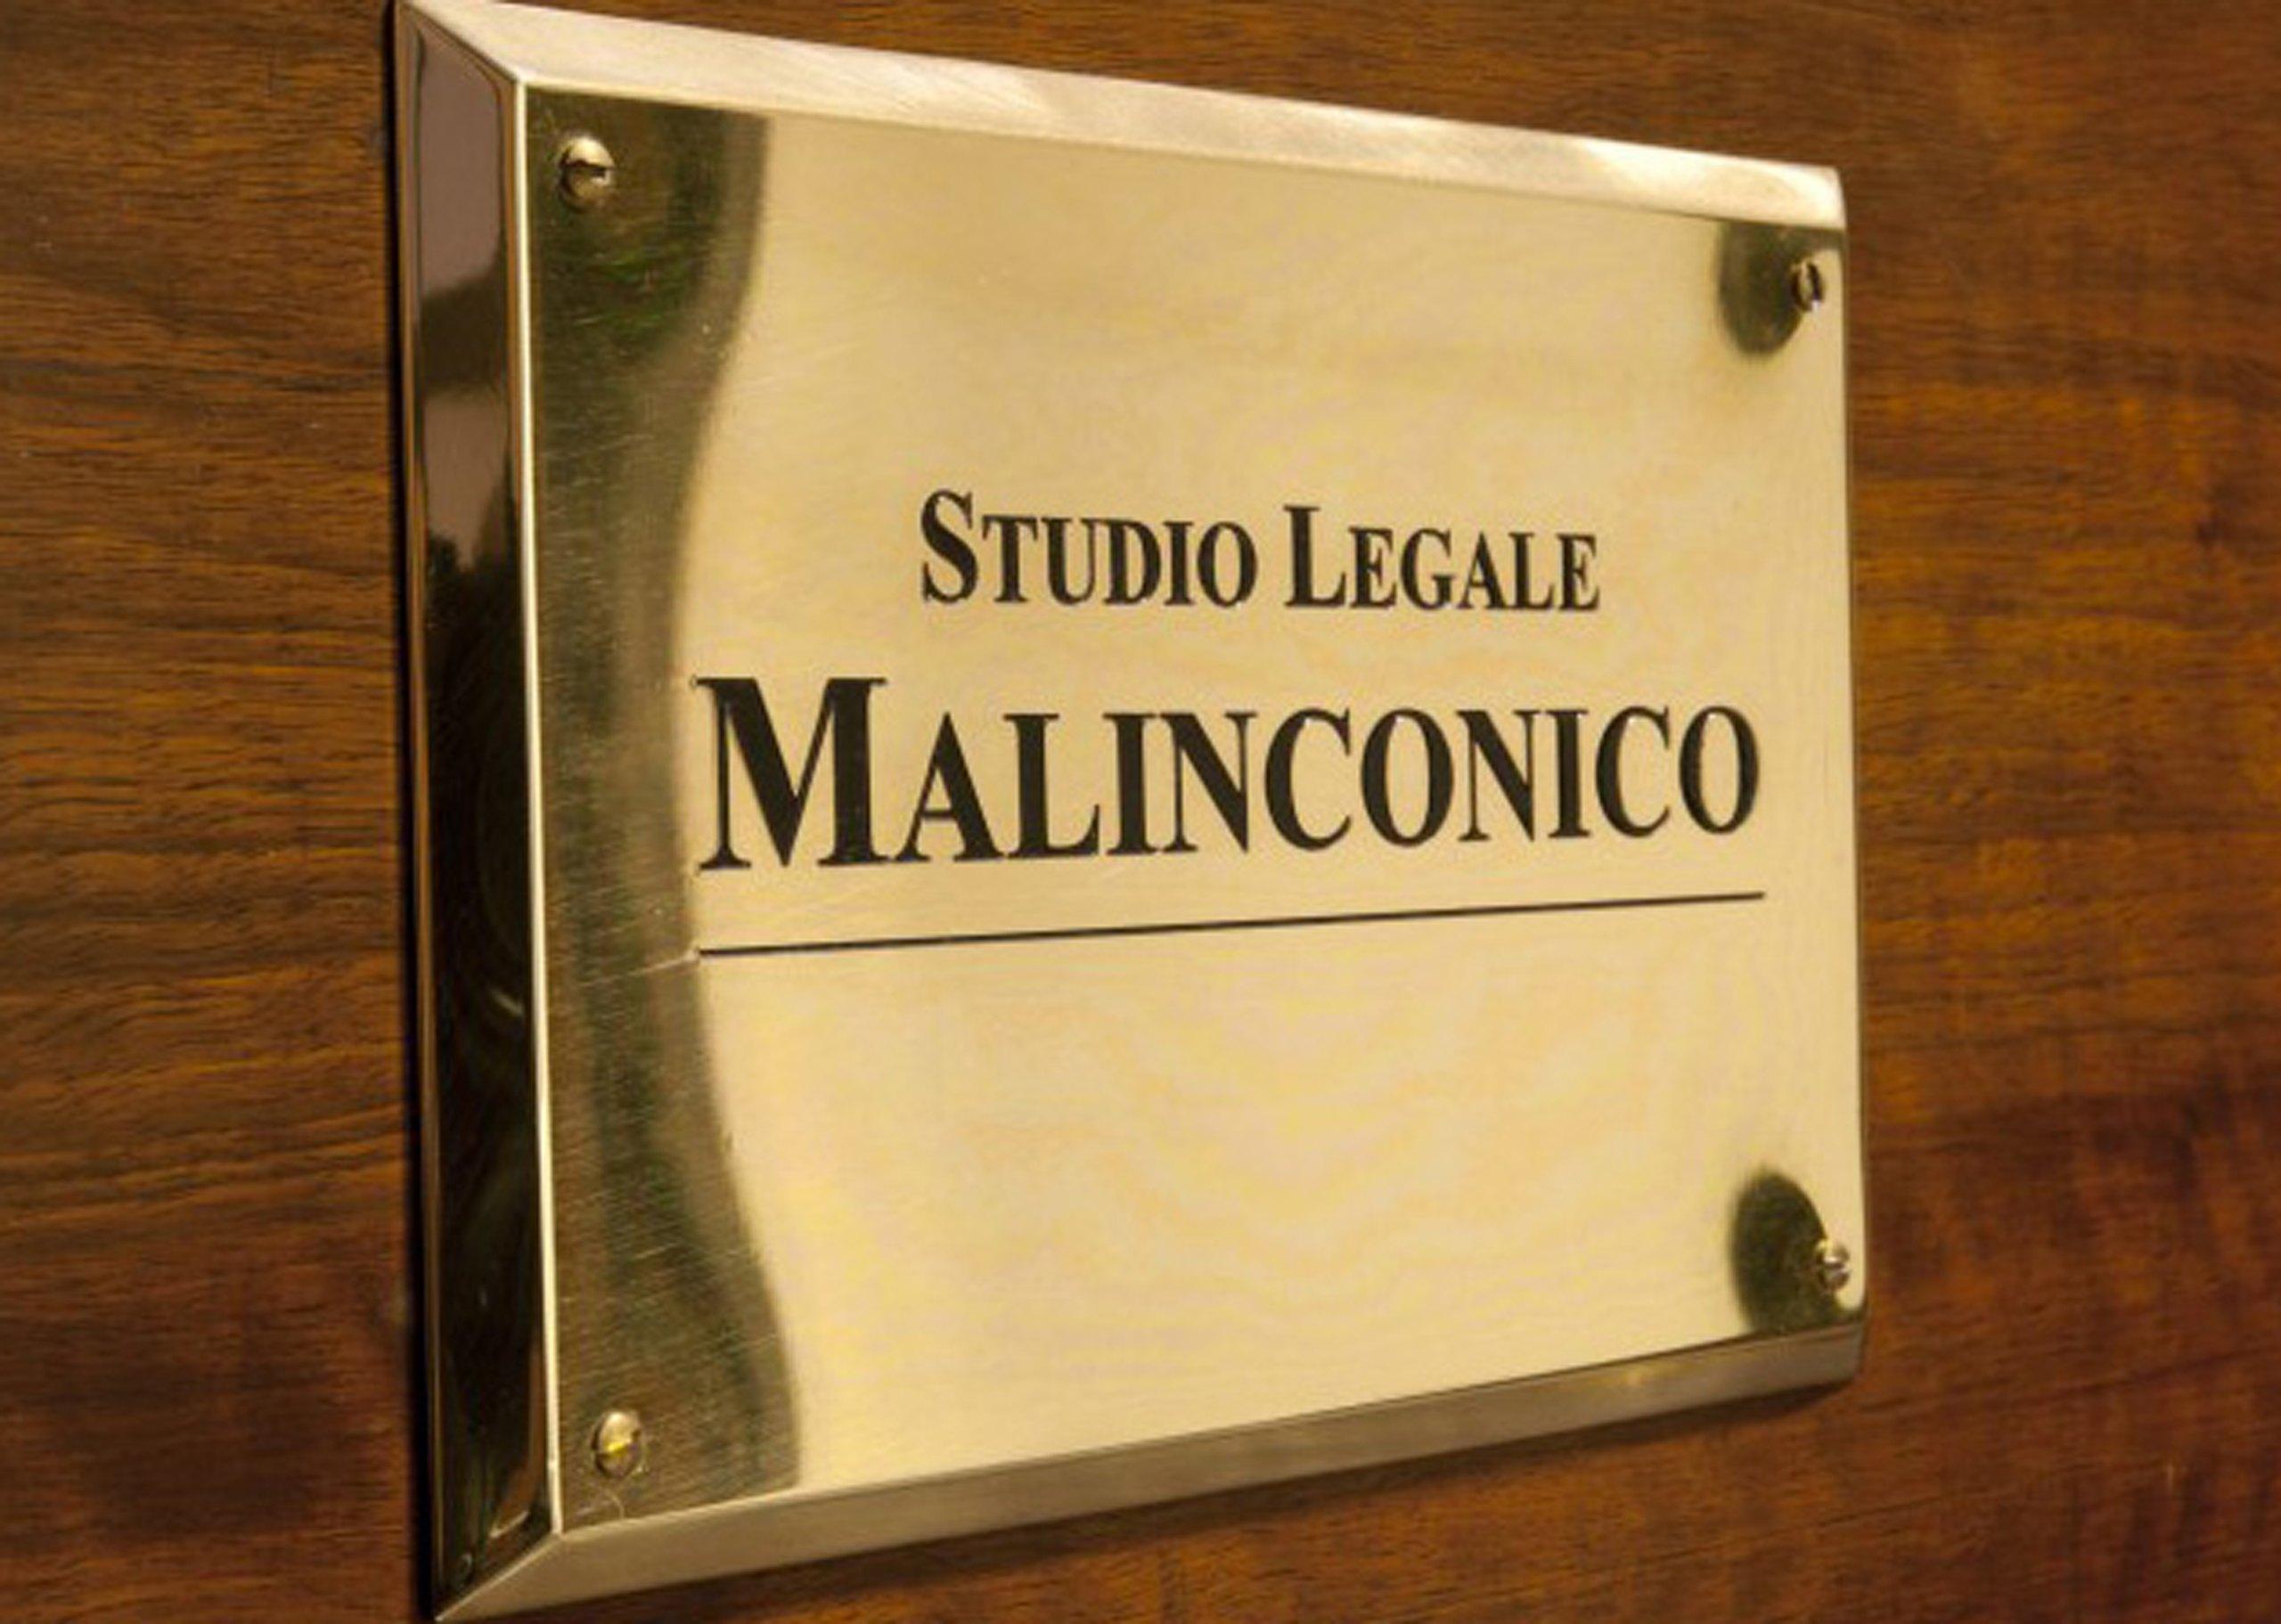 Studio legale Malinconico